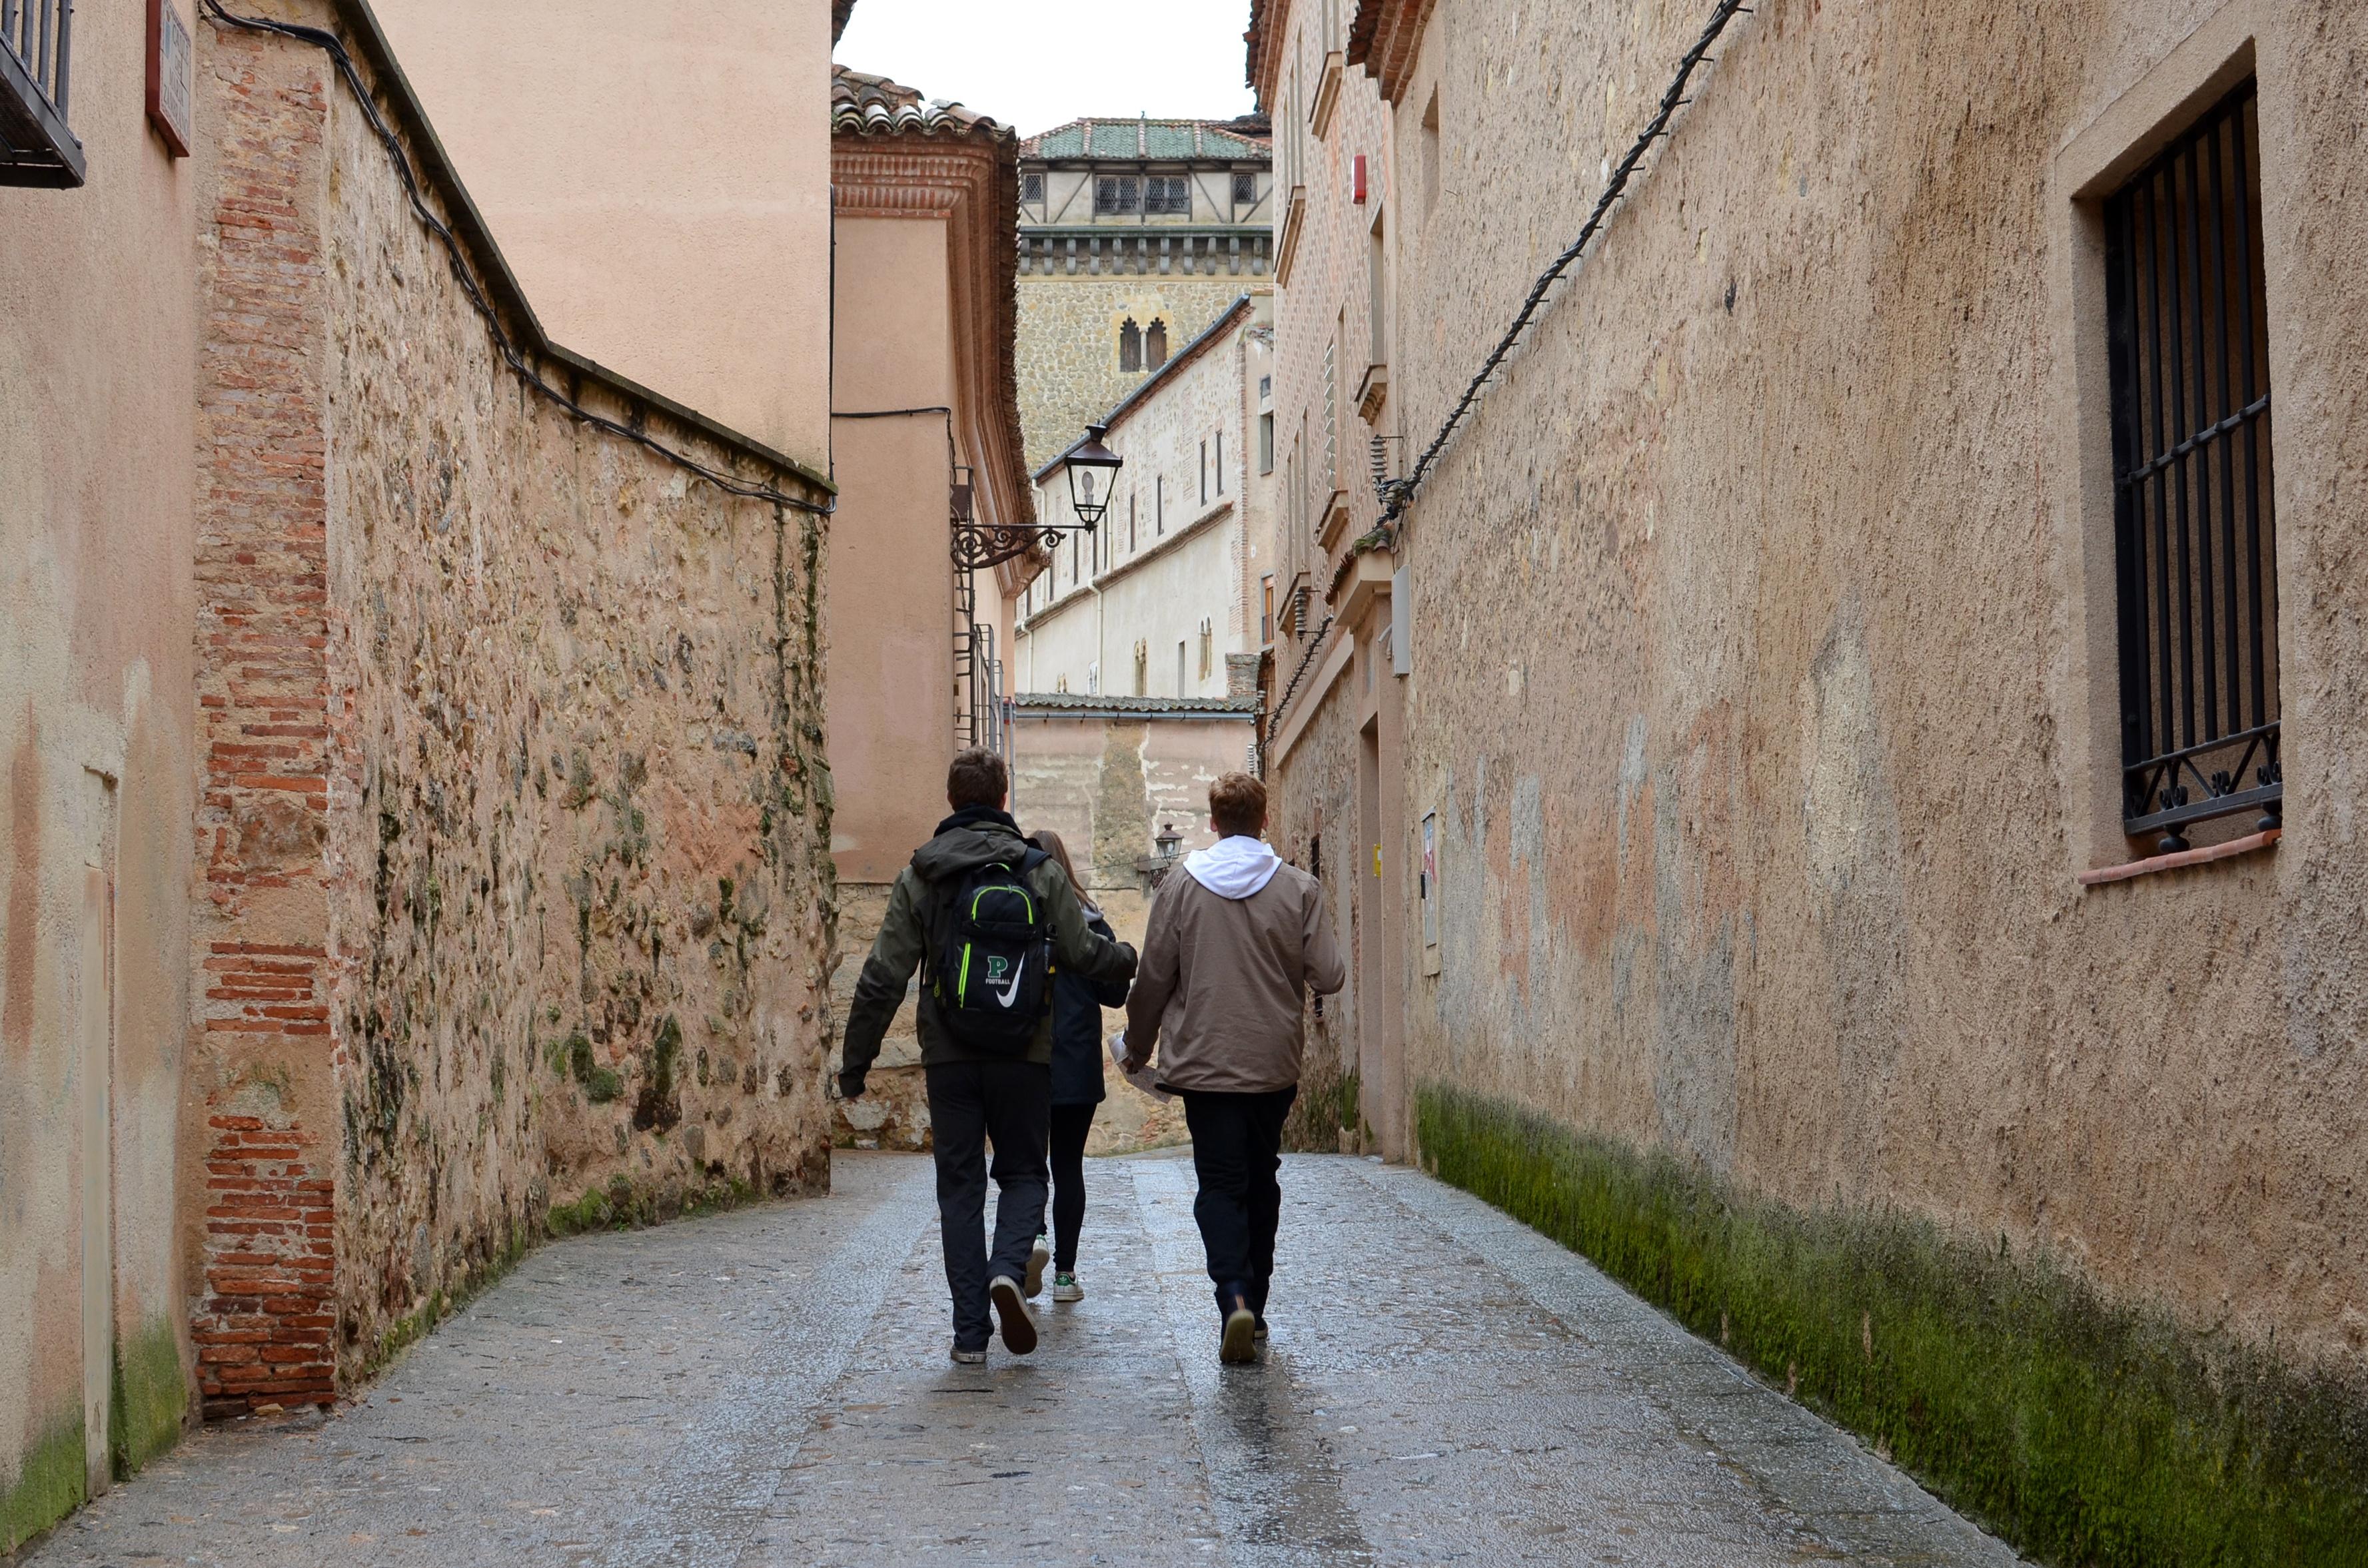 Proctor en Segovia scavenger hunt in the old quarter